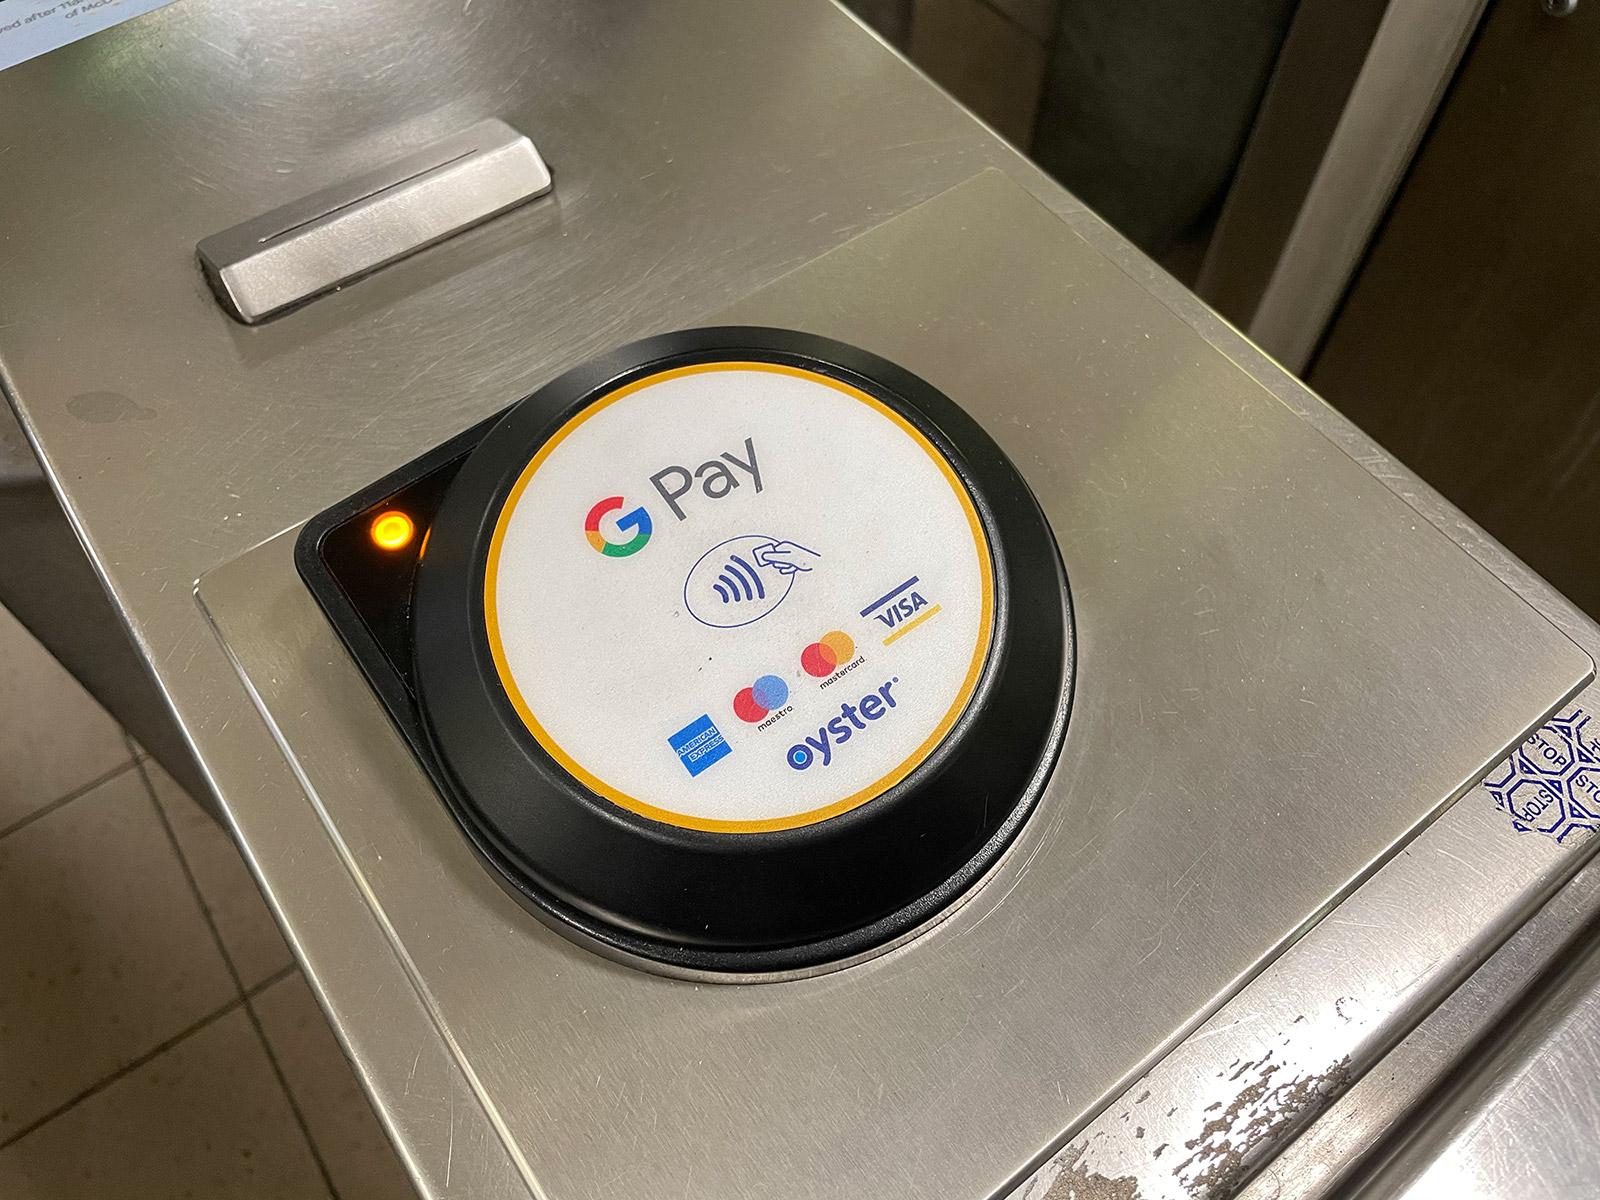 倫敦地鐵 感應區-白色圓圈